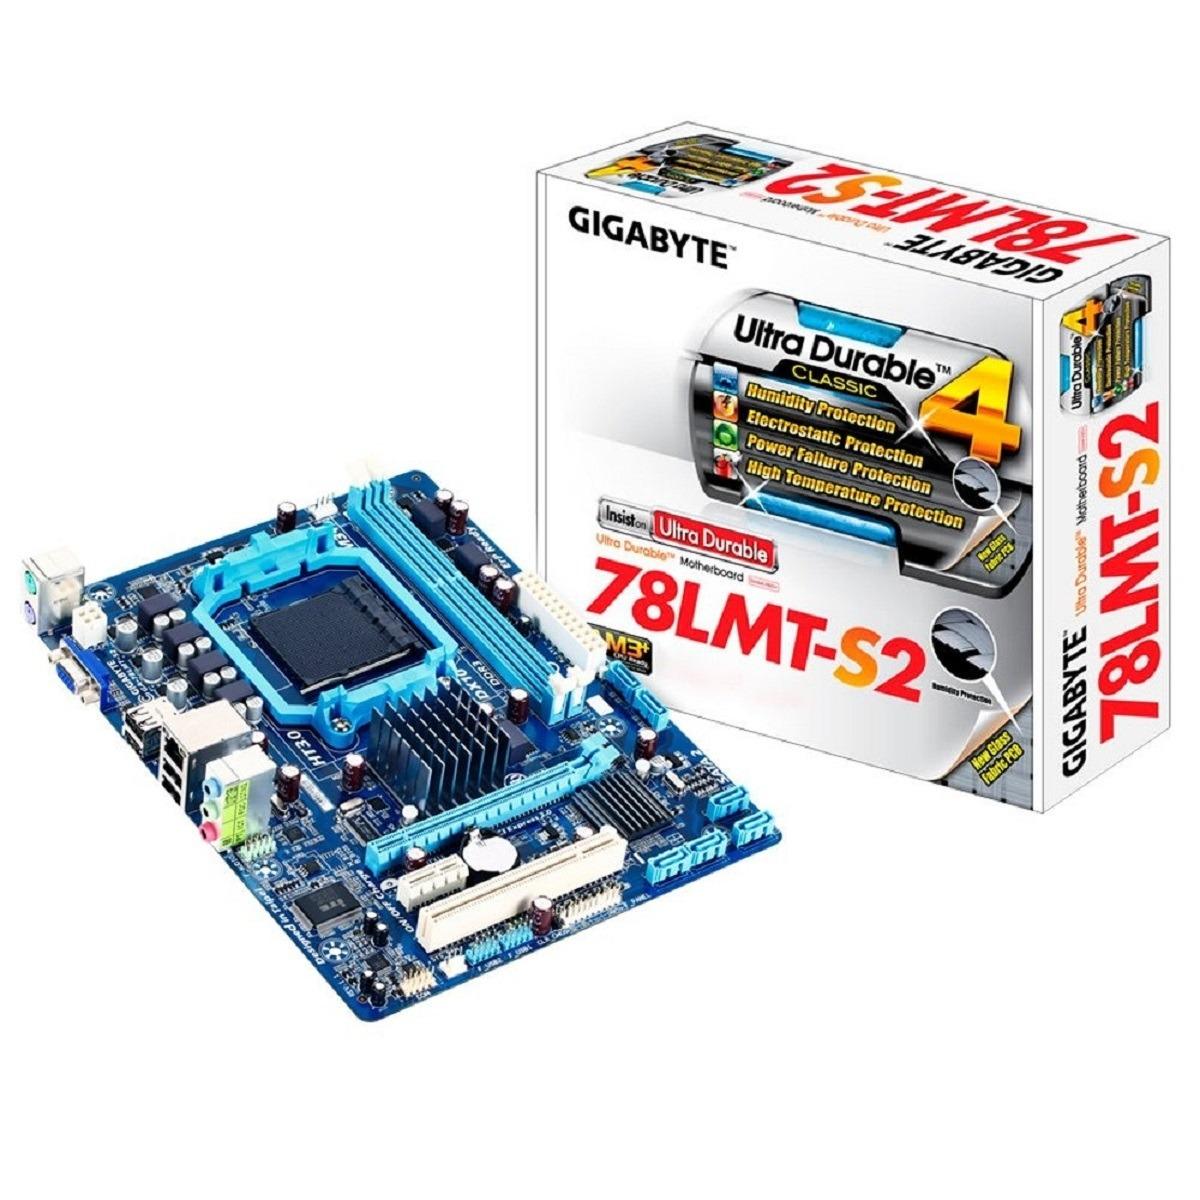 GIGABYTE GA-MA78LMT-S2 AMD SATA RAID DRIVER PC